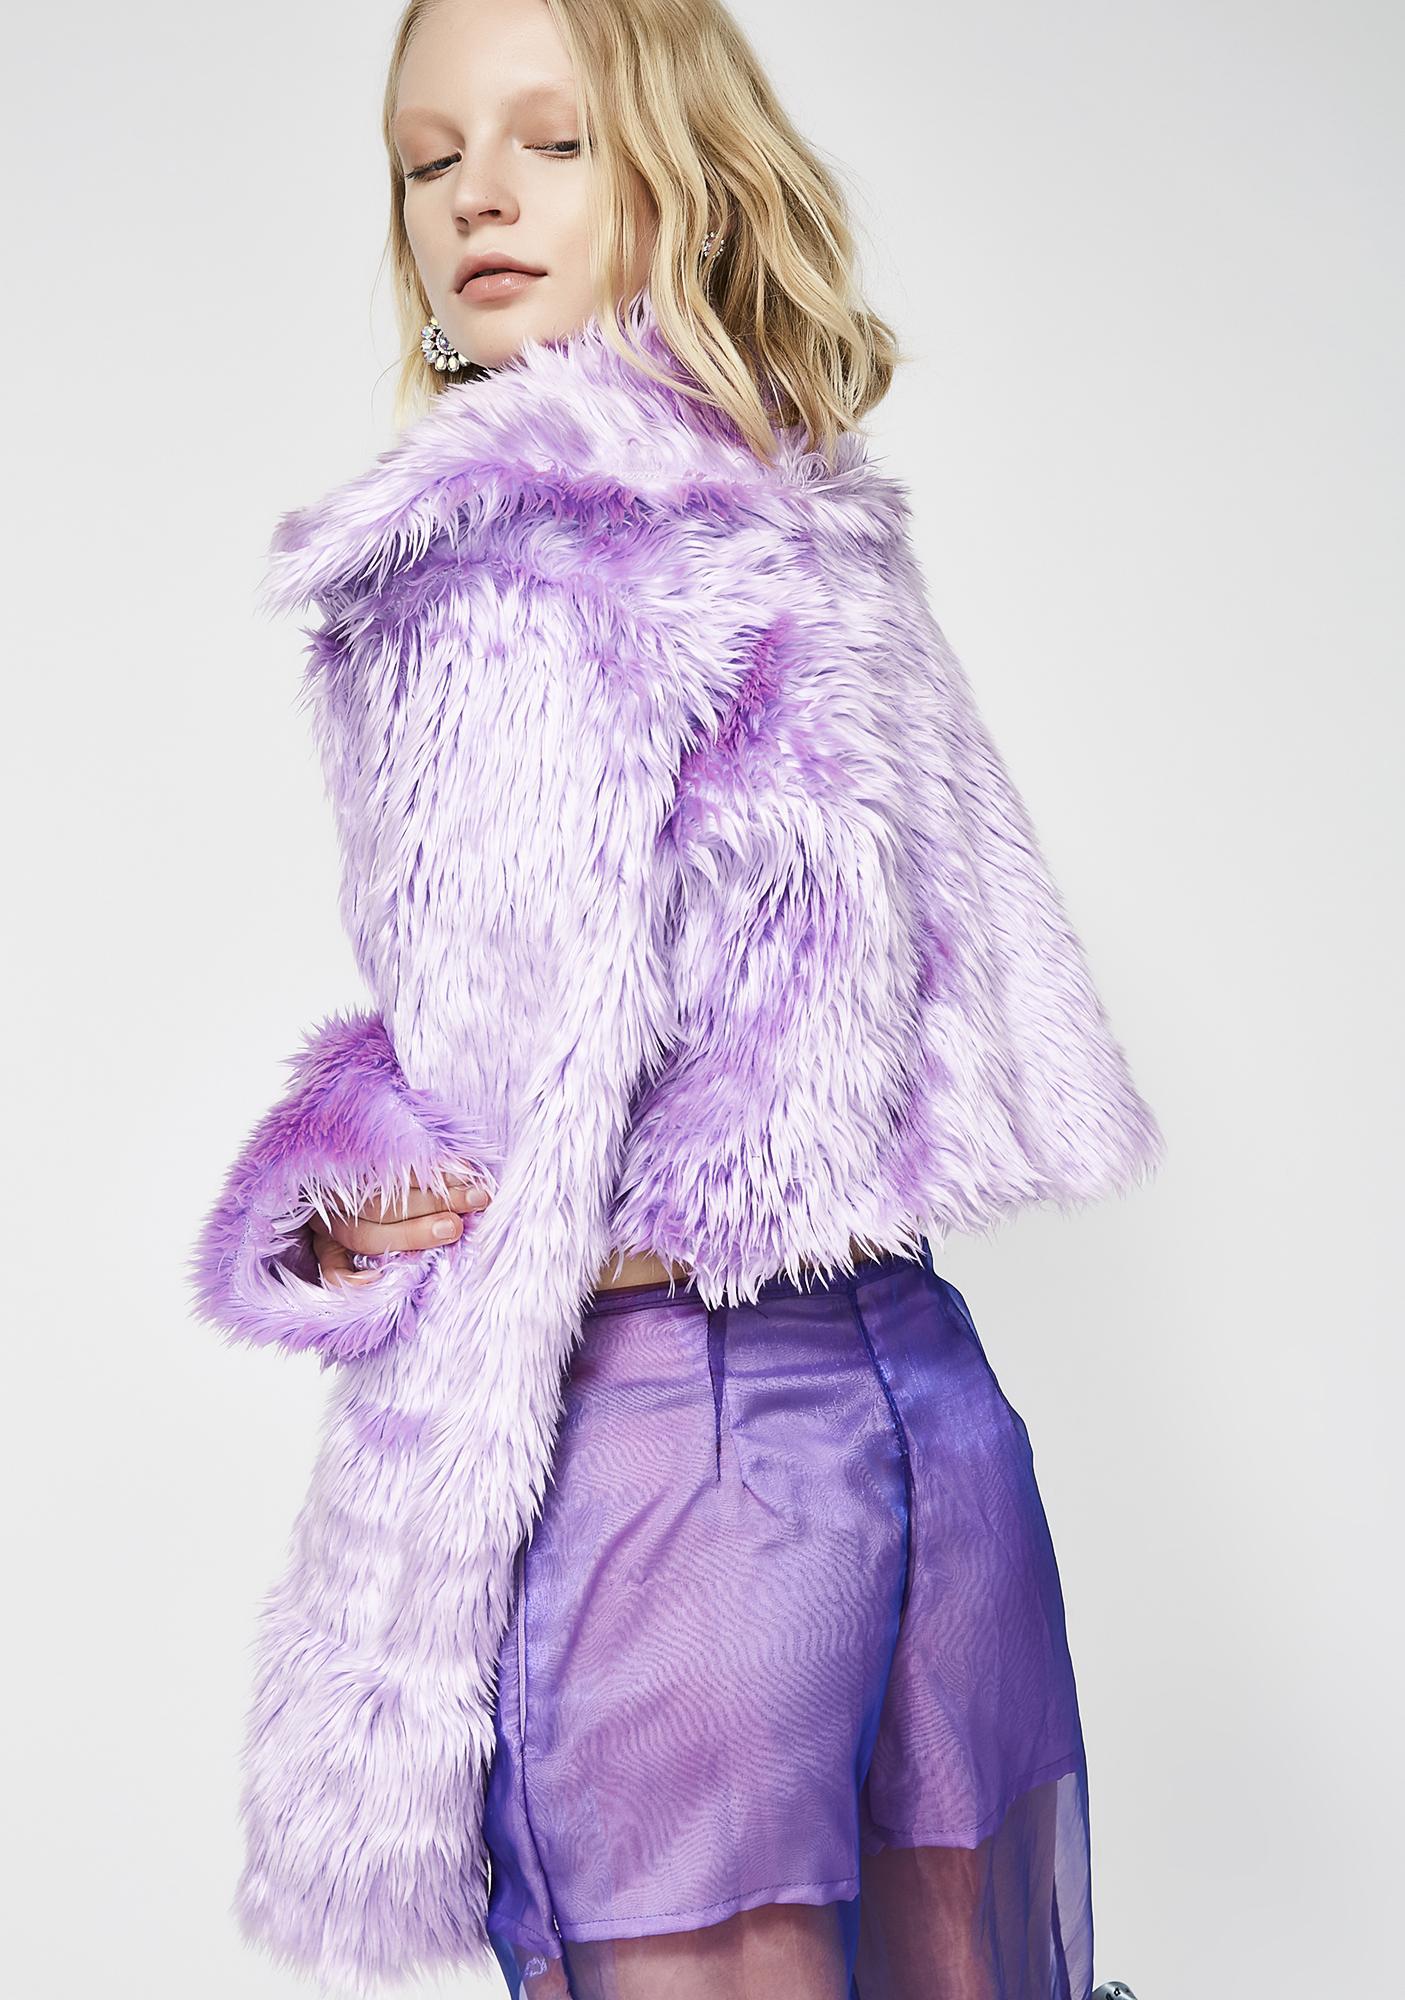 Morph8ne Magenta Faux Fur Coat